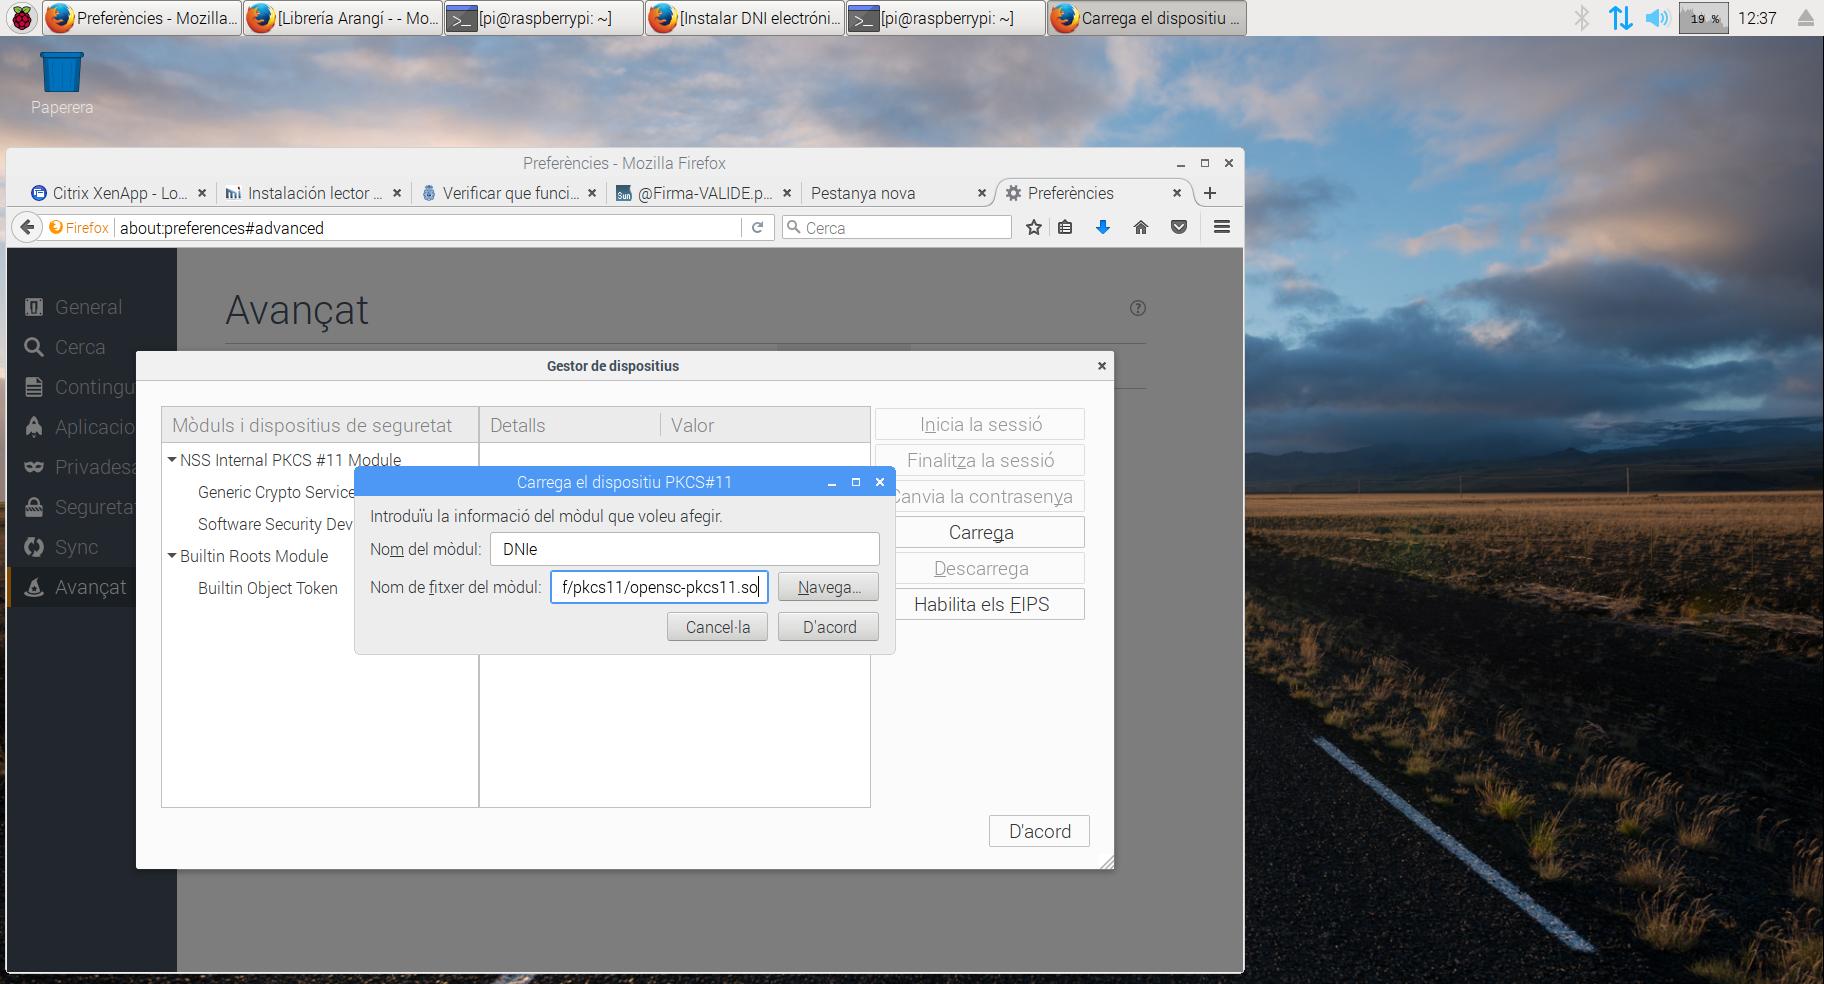 Configuració del DNI Electrònic amb una Raspberry Pi